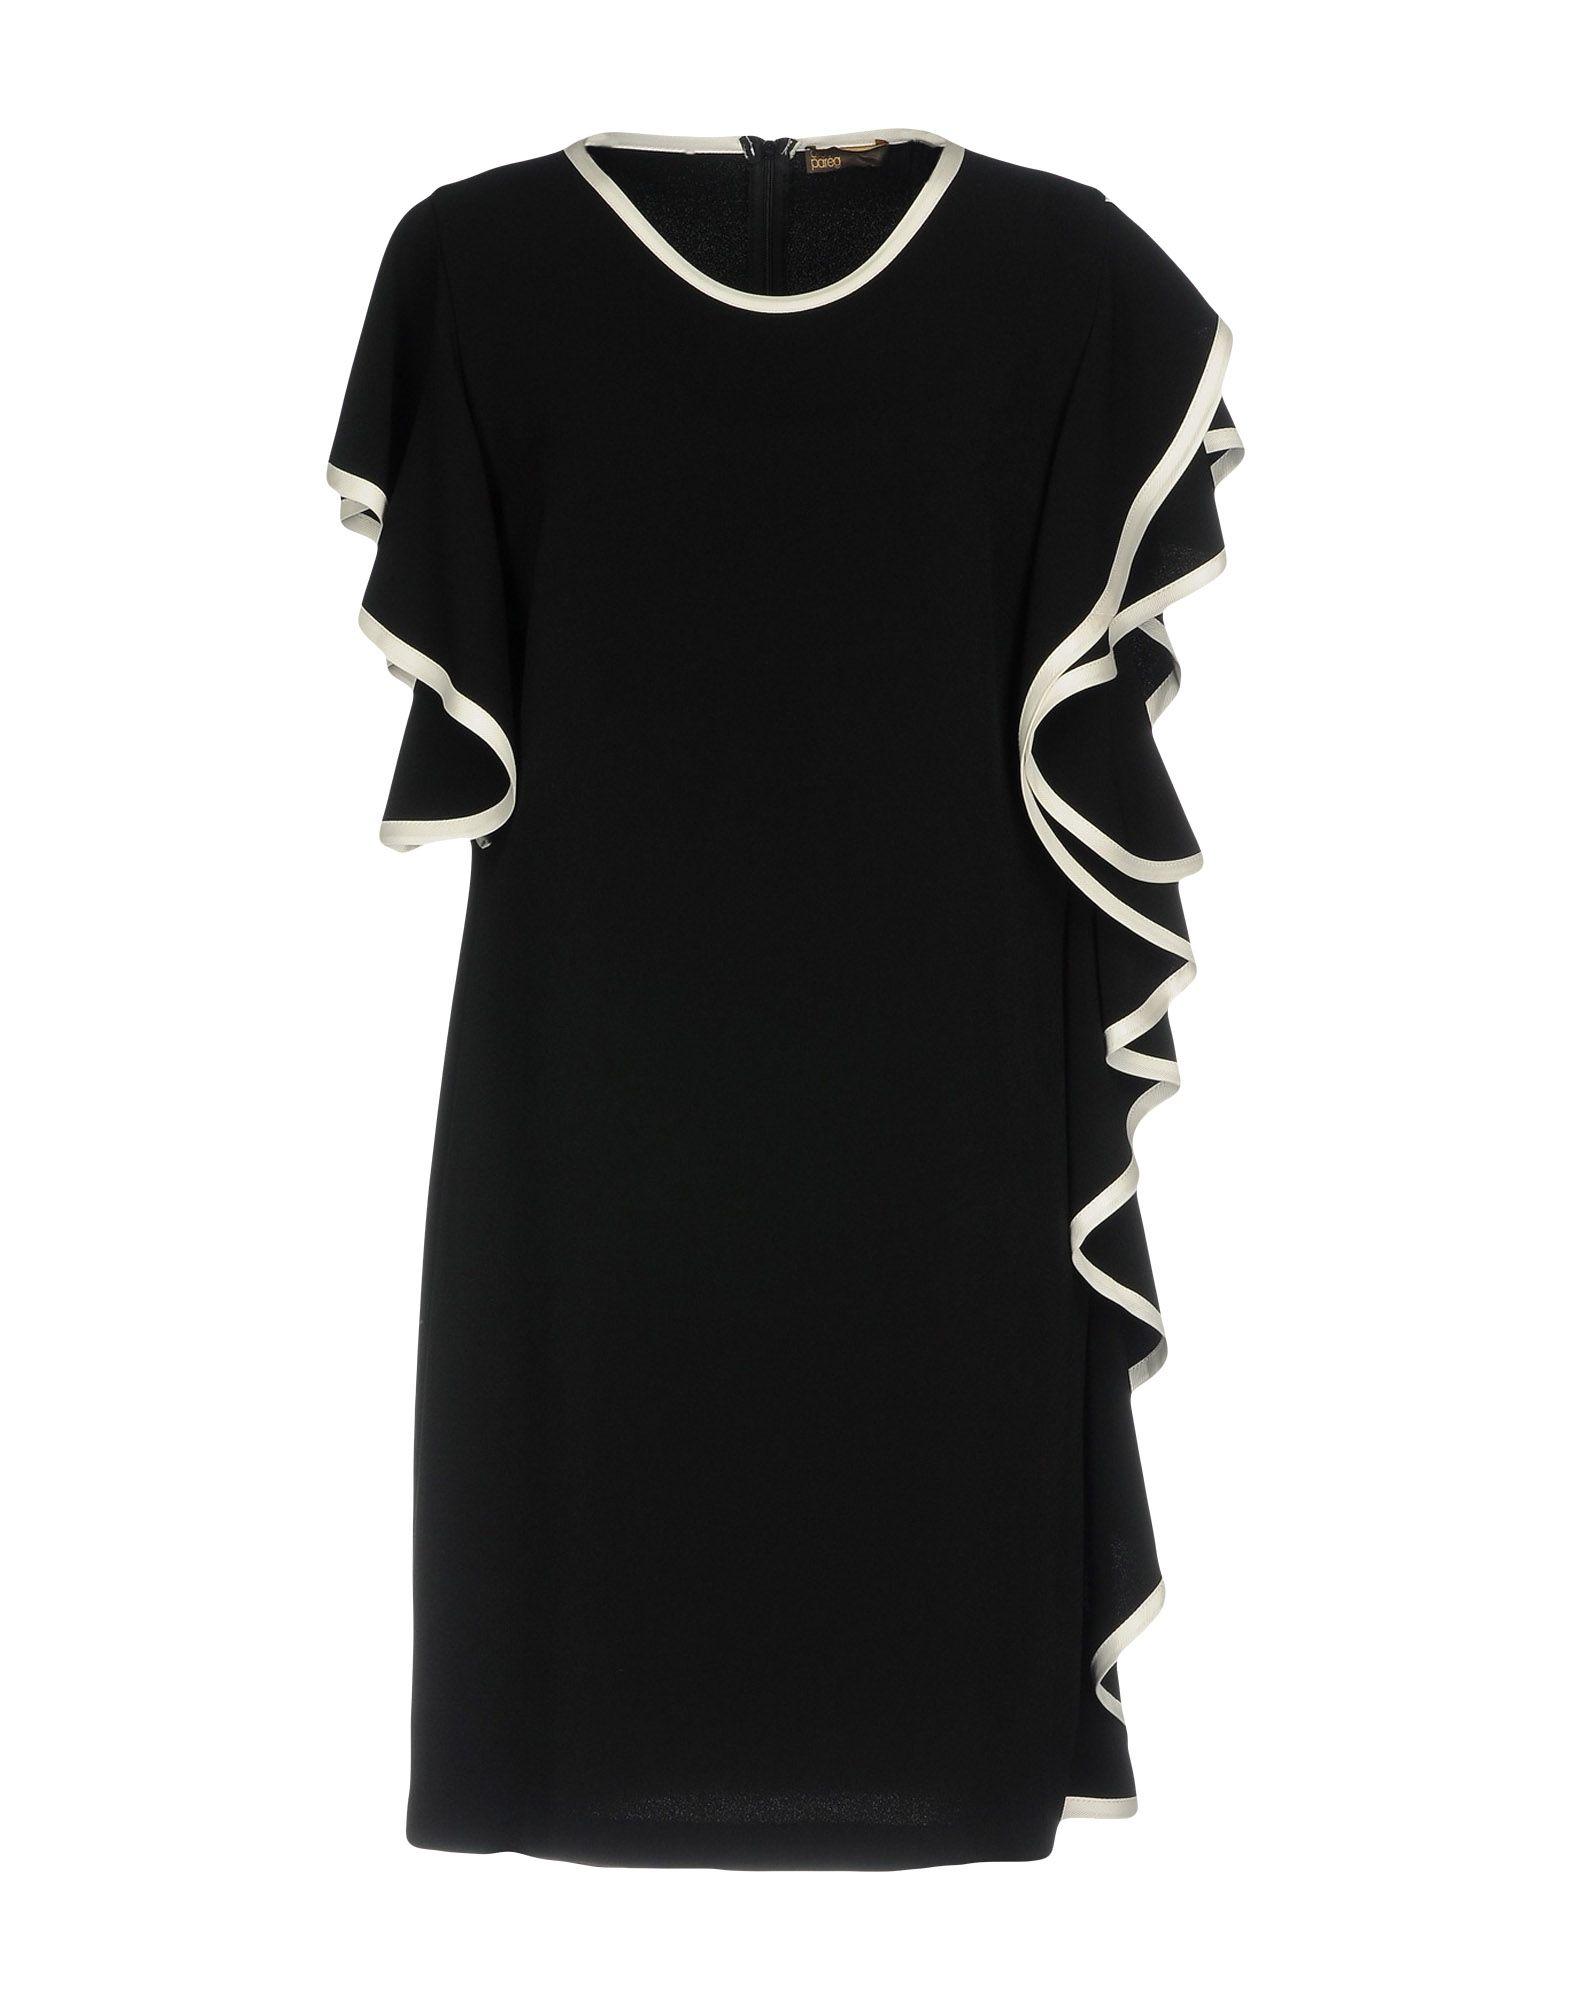 OLLA PARÉG Damen Kurzes Kleid Farbe Schwarz Größe 5